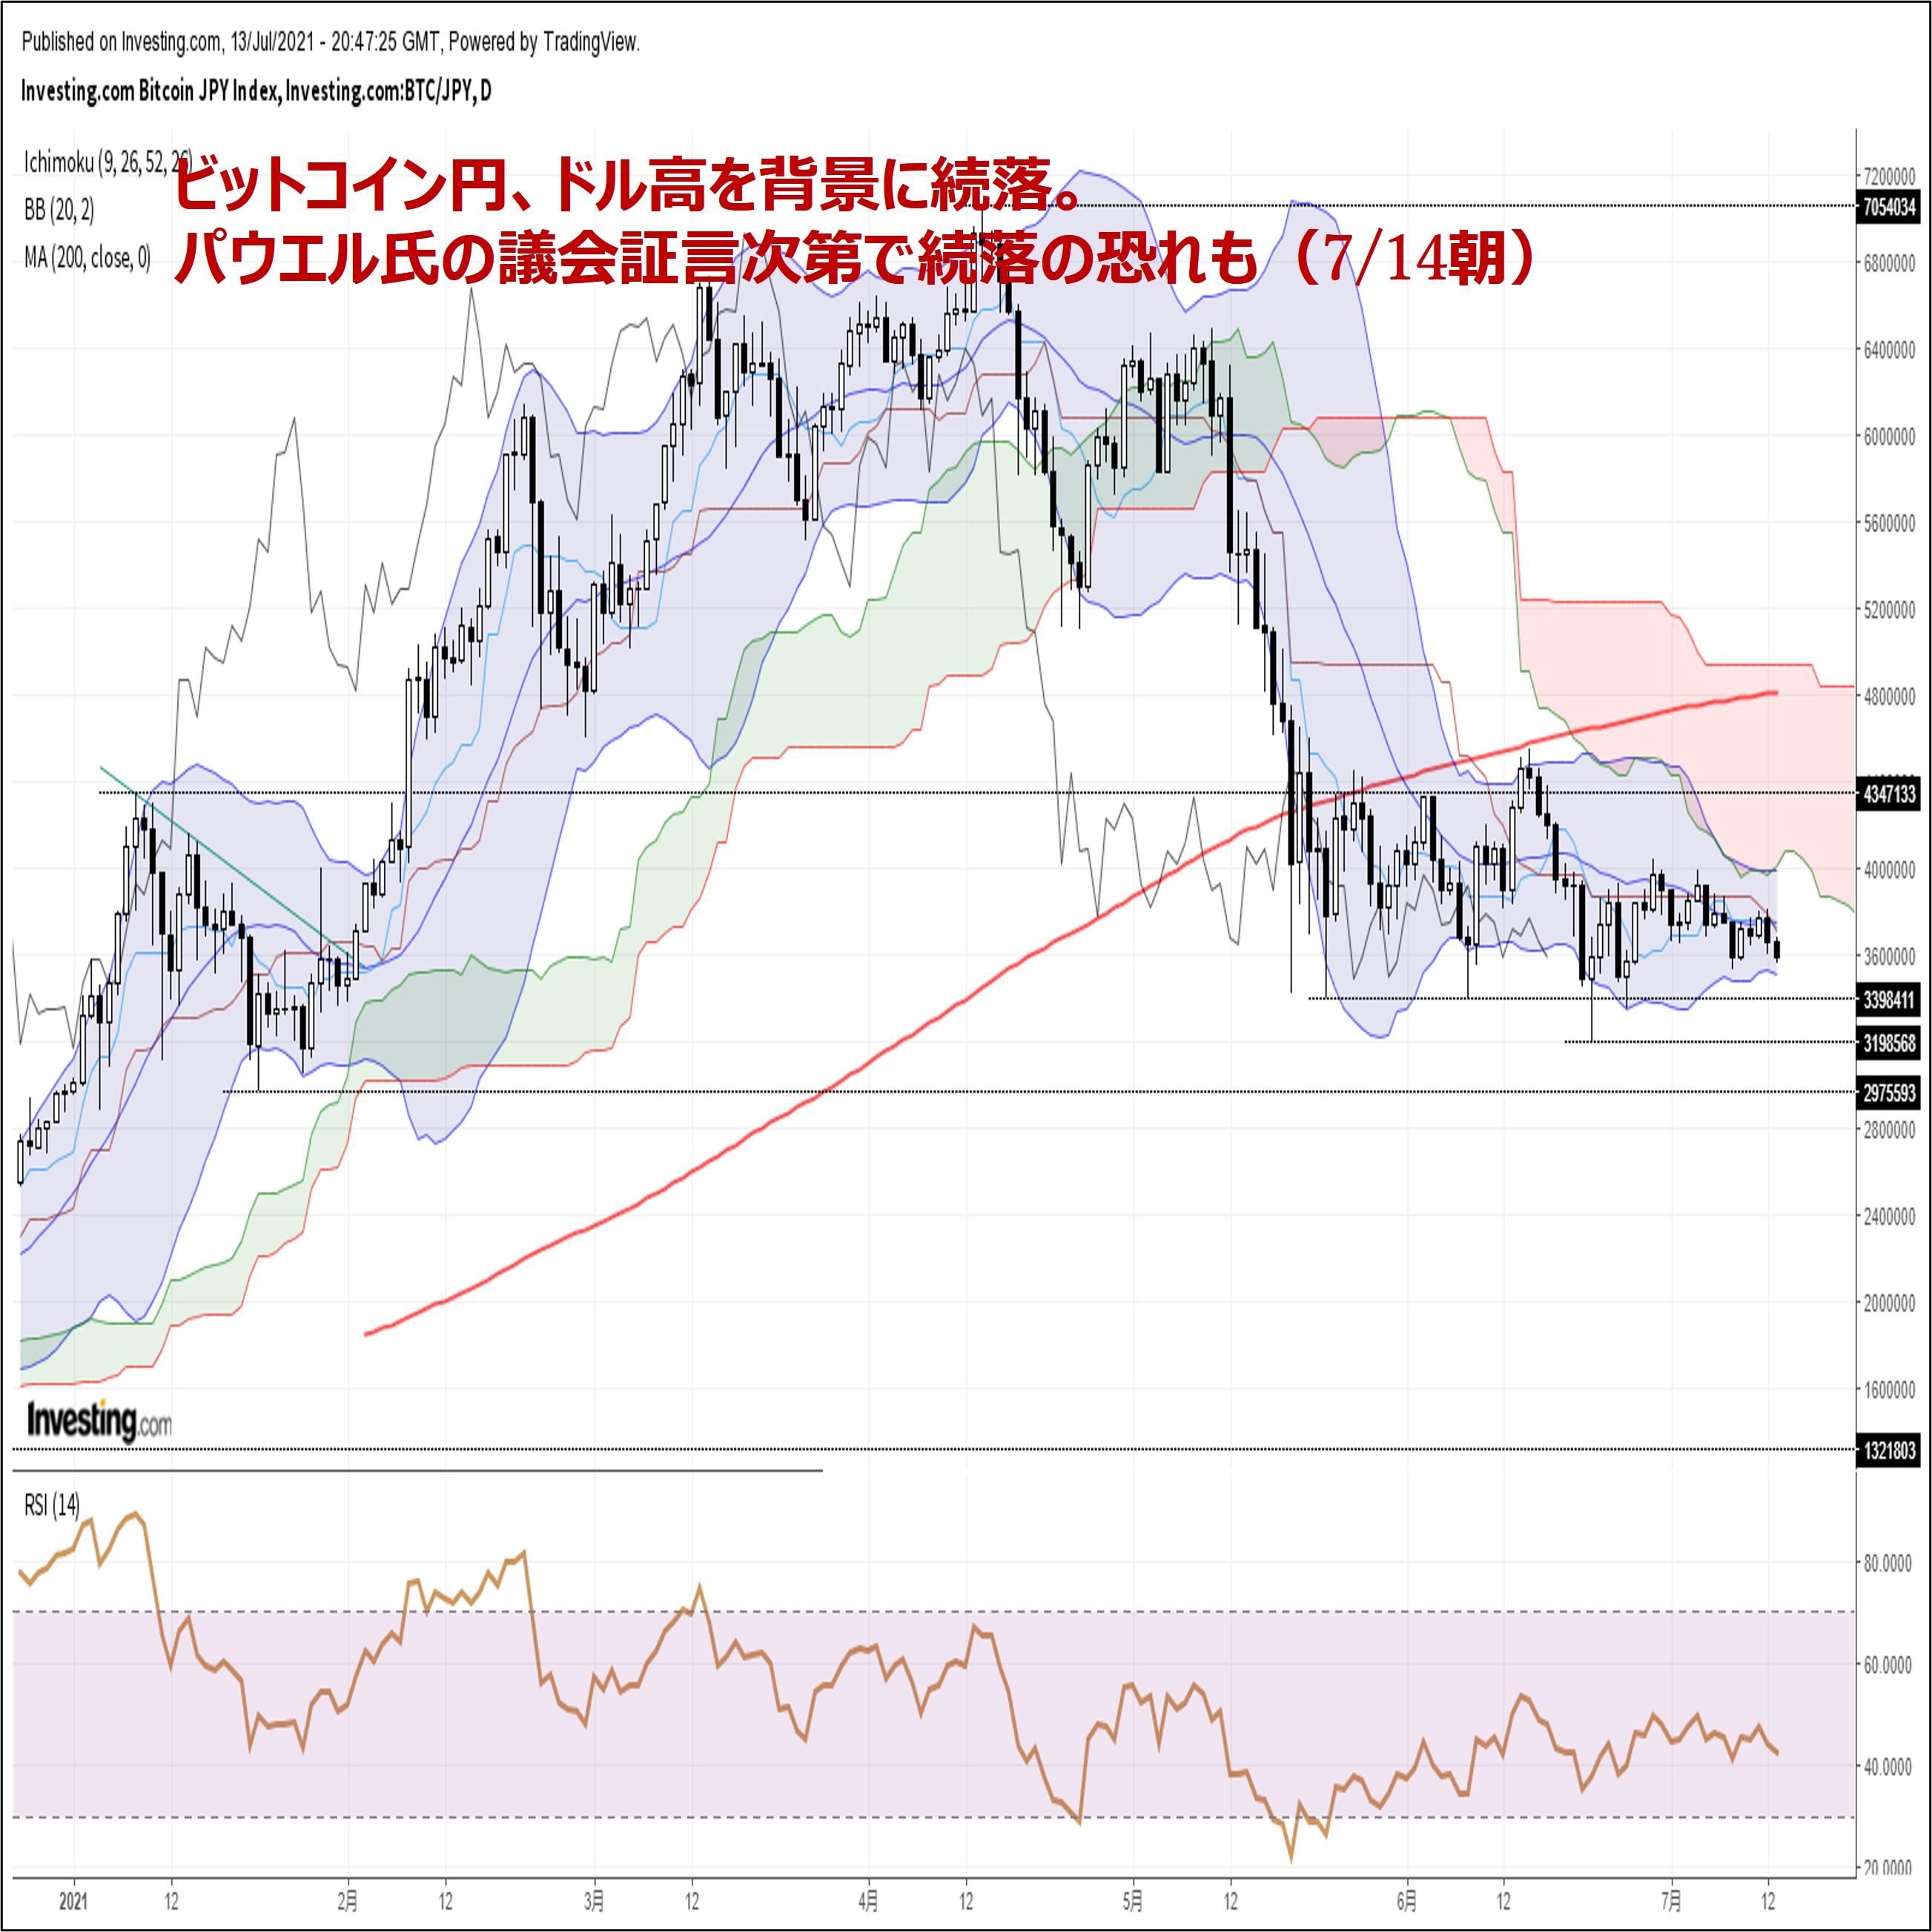 ビットコイン円、ドル高を背景に続落。パウエル氏の議会証言次第で続落の恐れも(7/14朝)